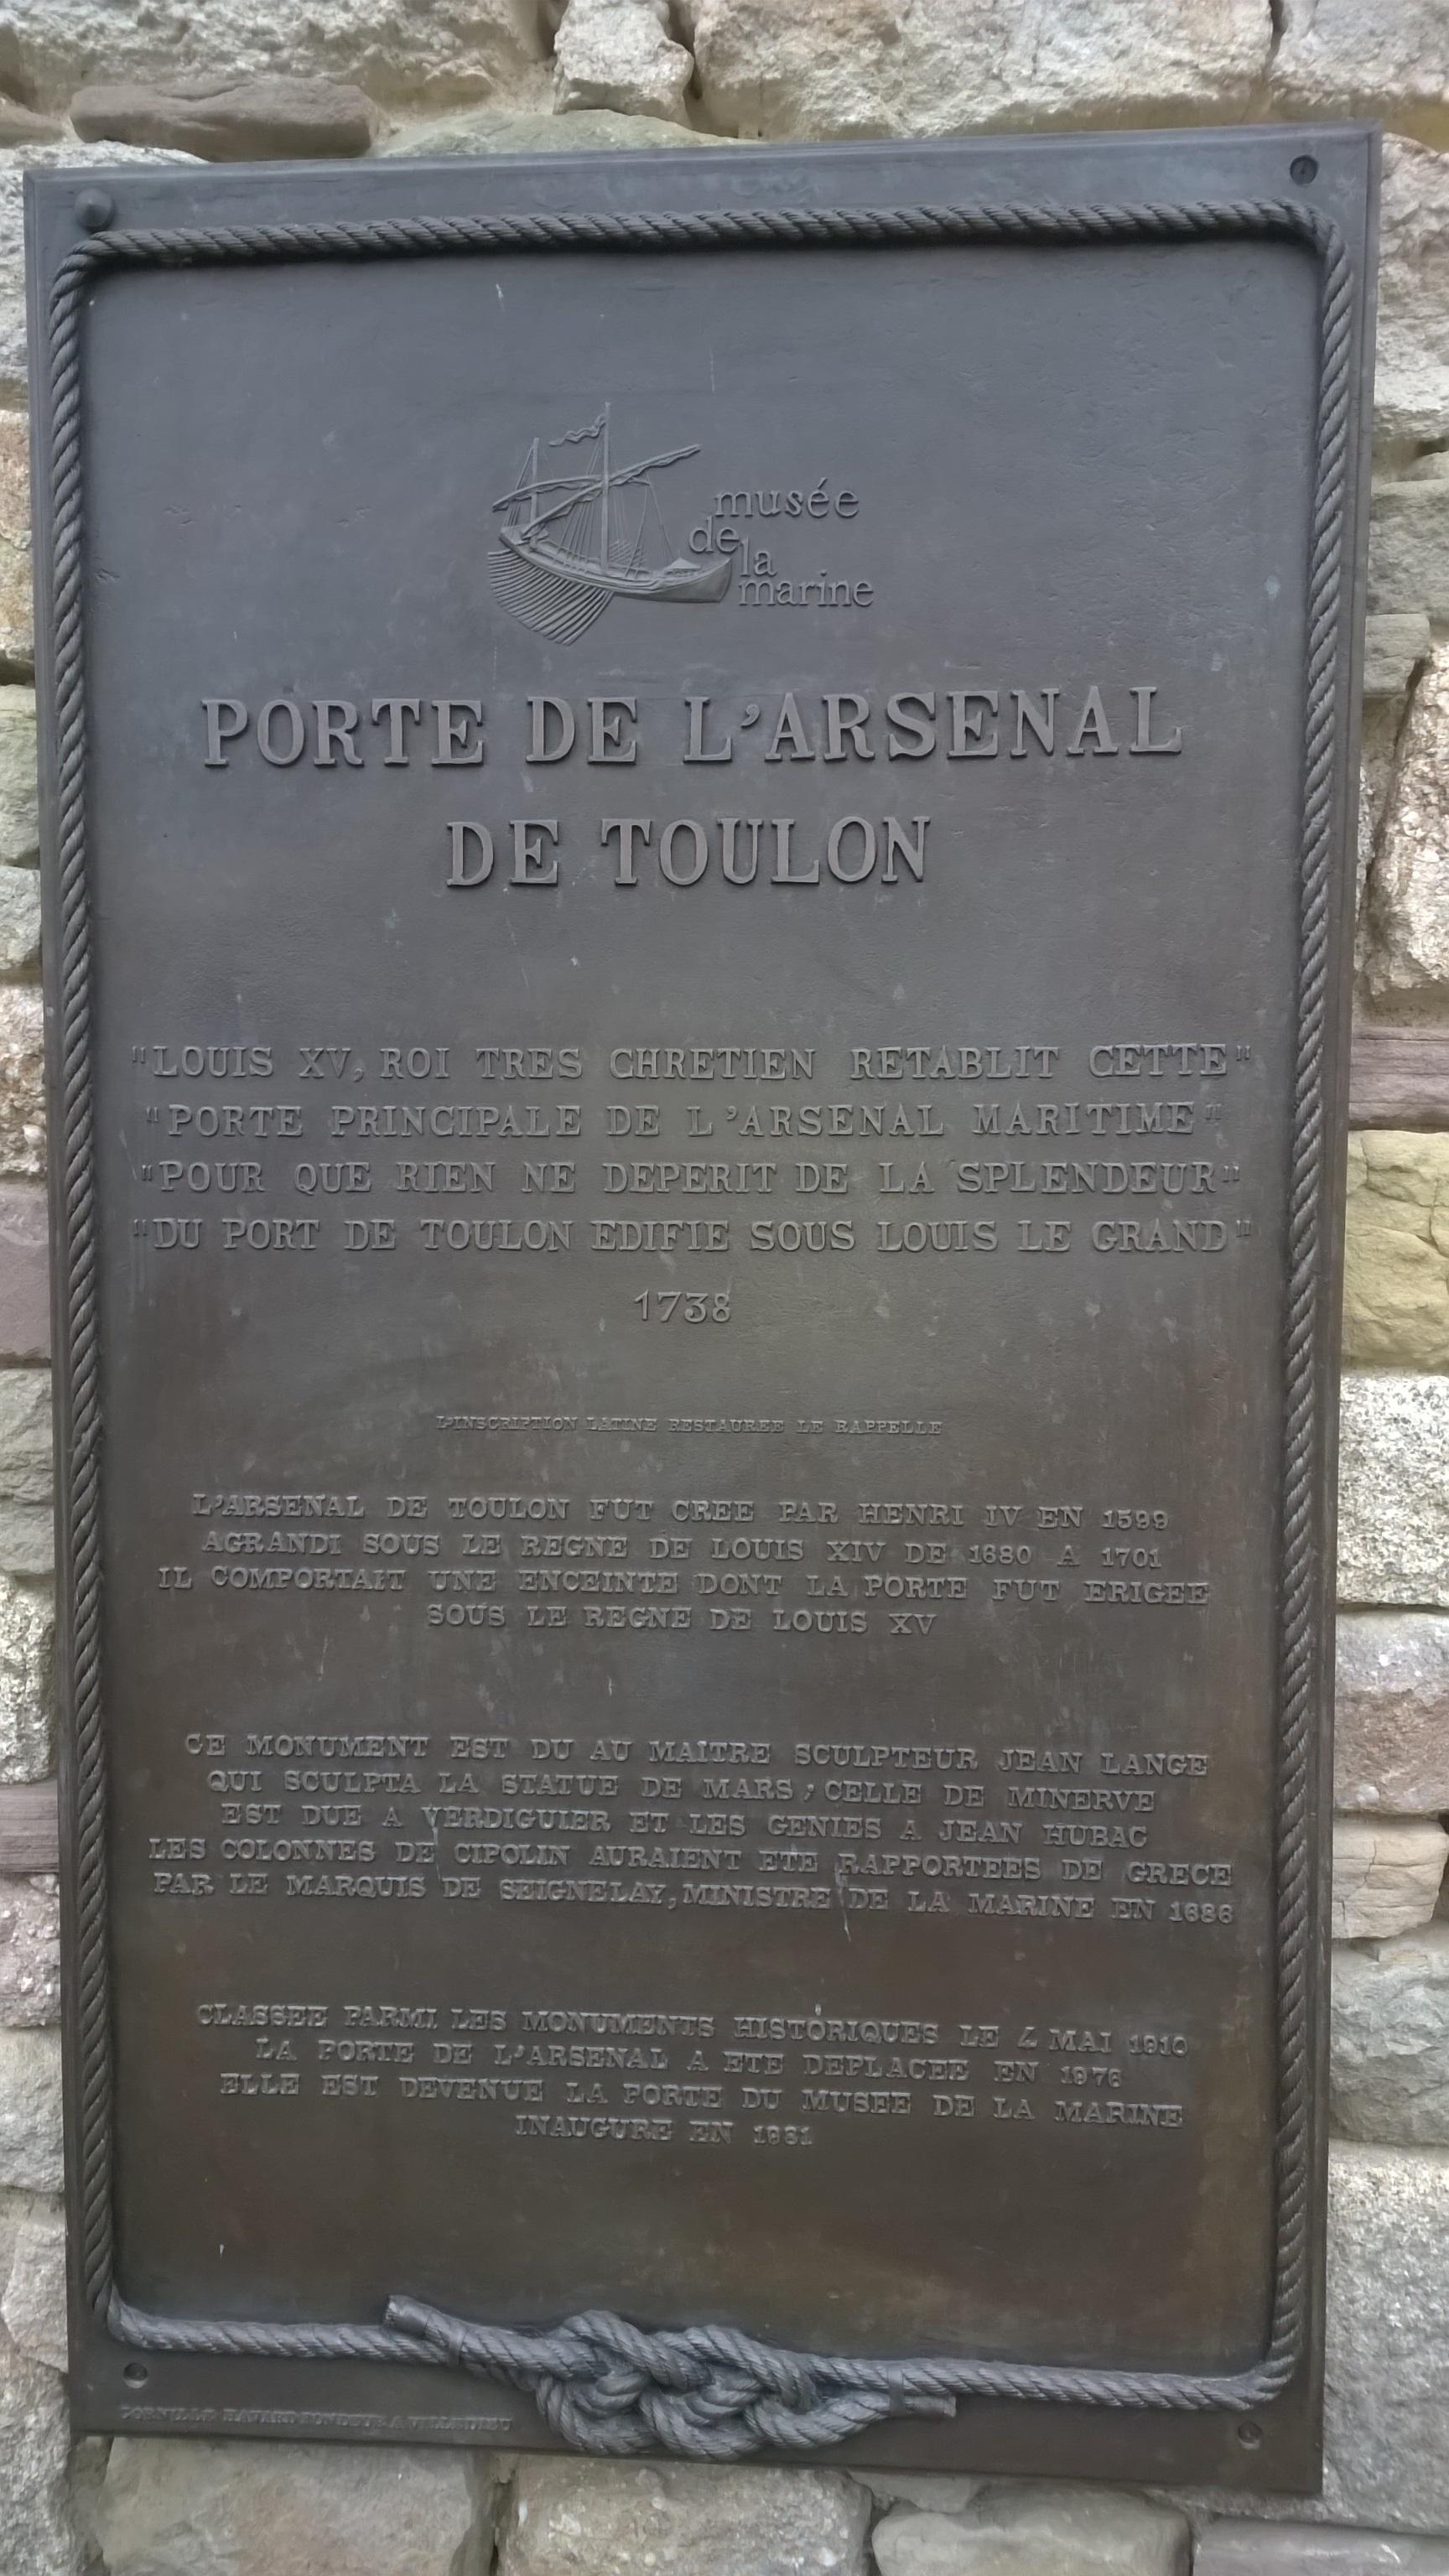 [LES PORTS MILITAIRES DE MÉTROPOLE] De la création de l'arsenal de Toulon à aujourd'hui la base navale 806085WP20170222007